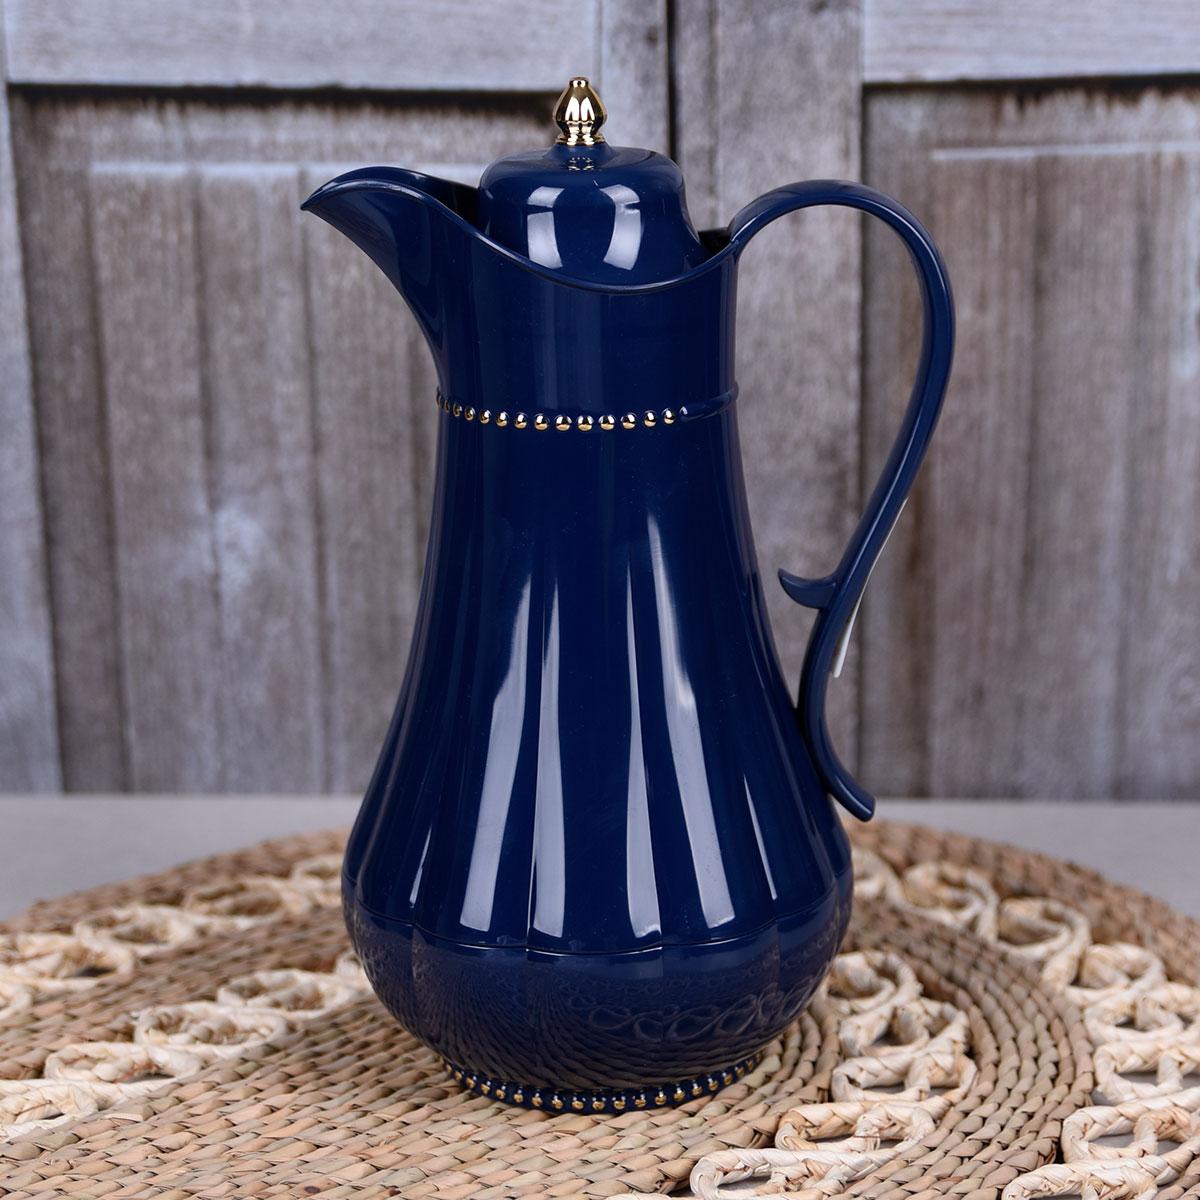 ترمس شاي وقهوة , فلورا , مقاس 0.75 لتر , لون ازرق